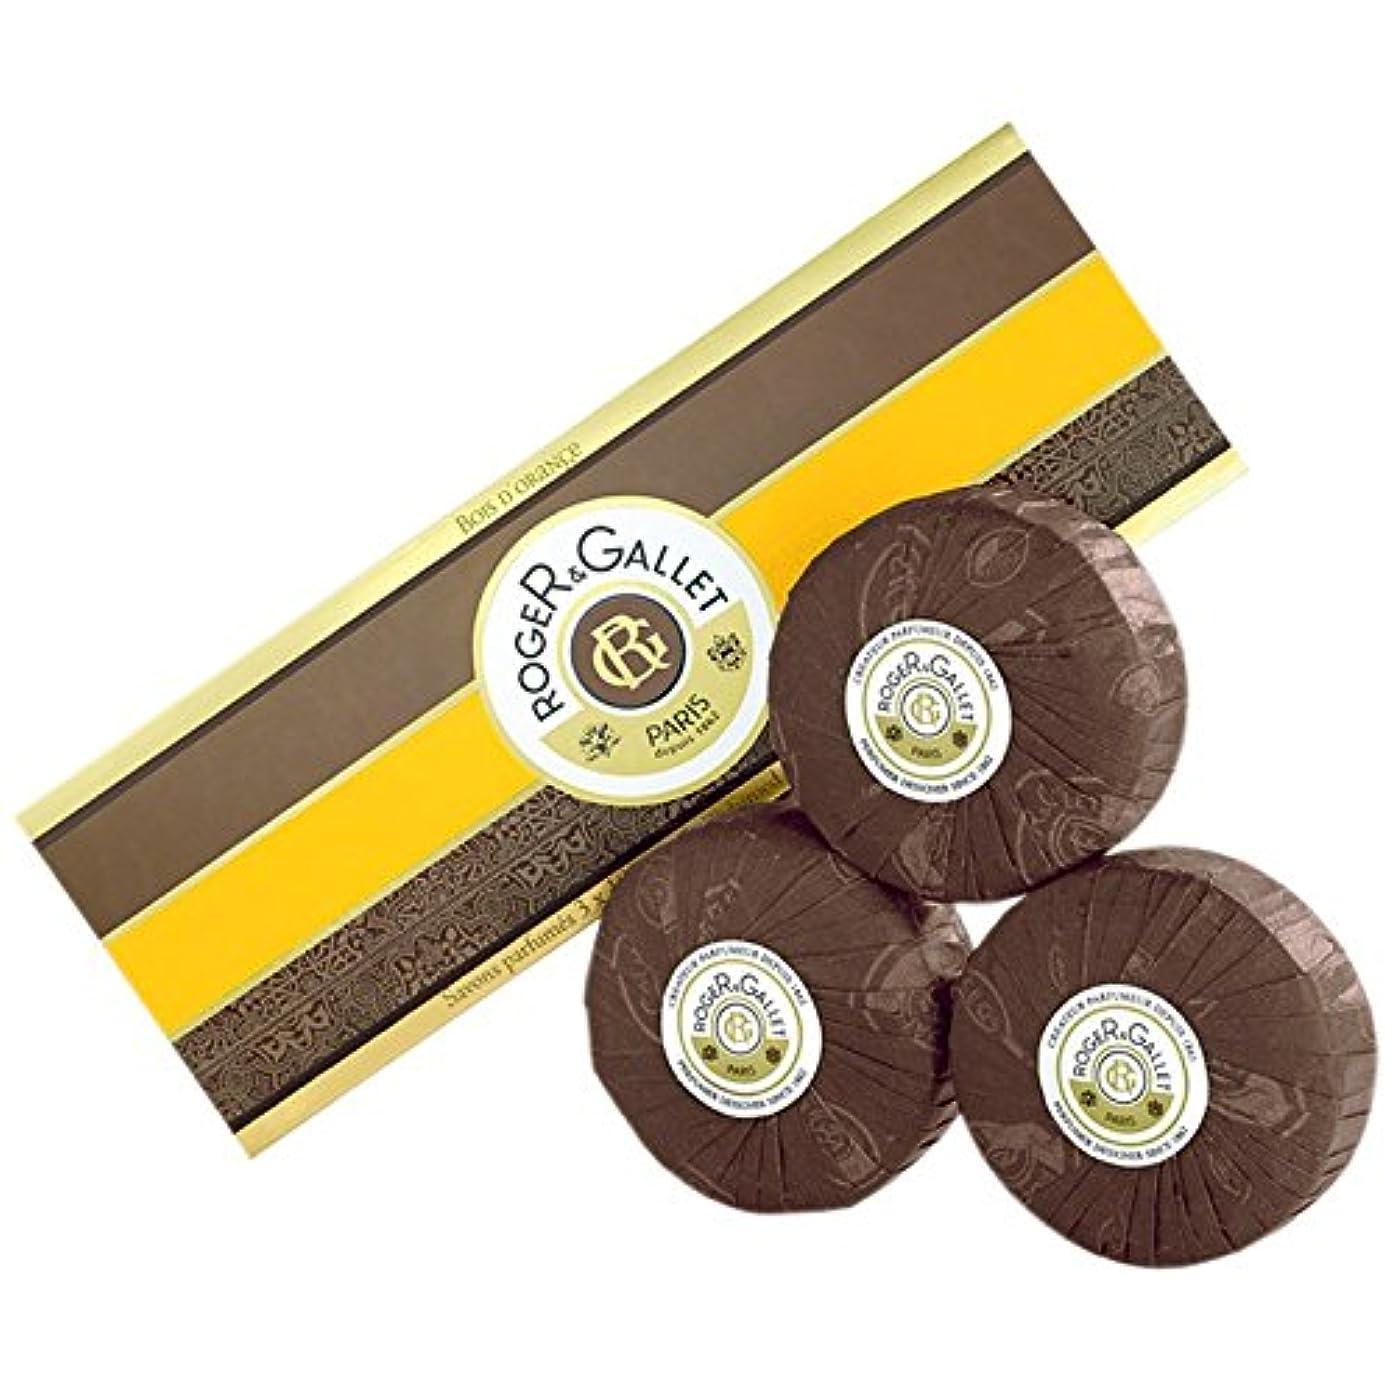 破滅的な機知に富んだエンターテインメントロジャー&GalletのBoisのドールオレンジソープ3つのX 100グラム (Roger & Gallet) (x2) - Roger & Gallet Bois D'Orange Soap 3 x 100g (Pack...